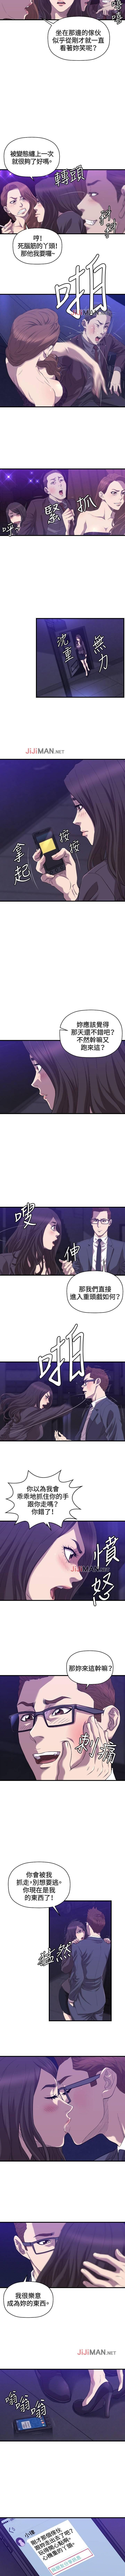 【已完结】索多玛俱乐部(作者:何藝媛&庫奈尼) 第1~32话 148